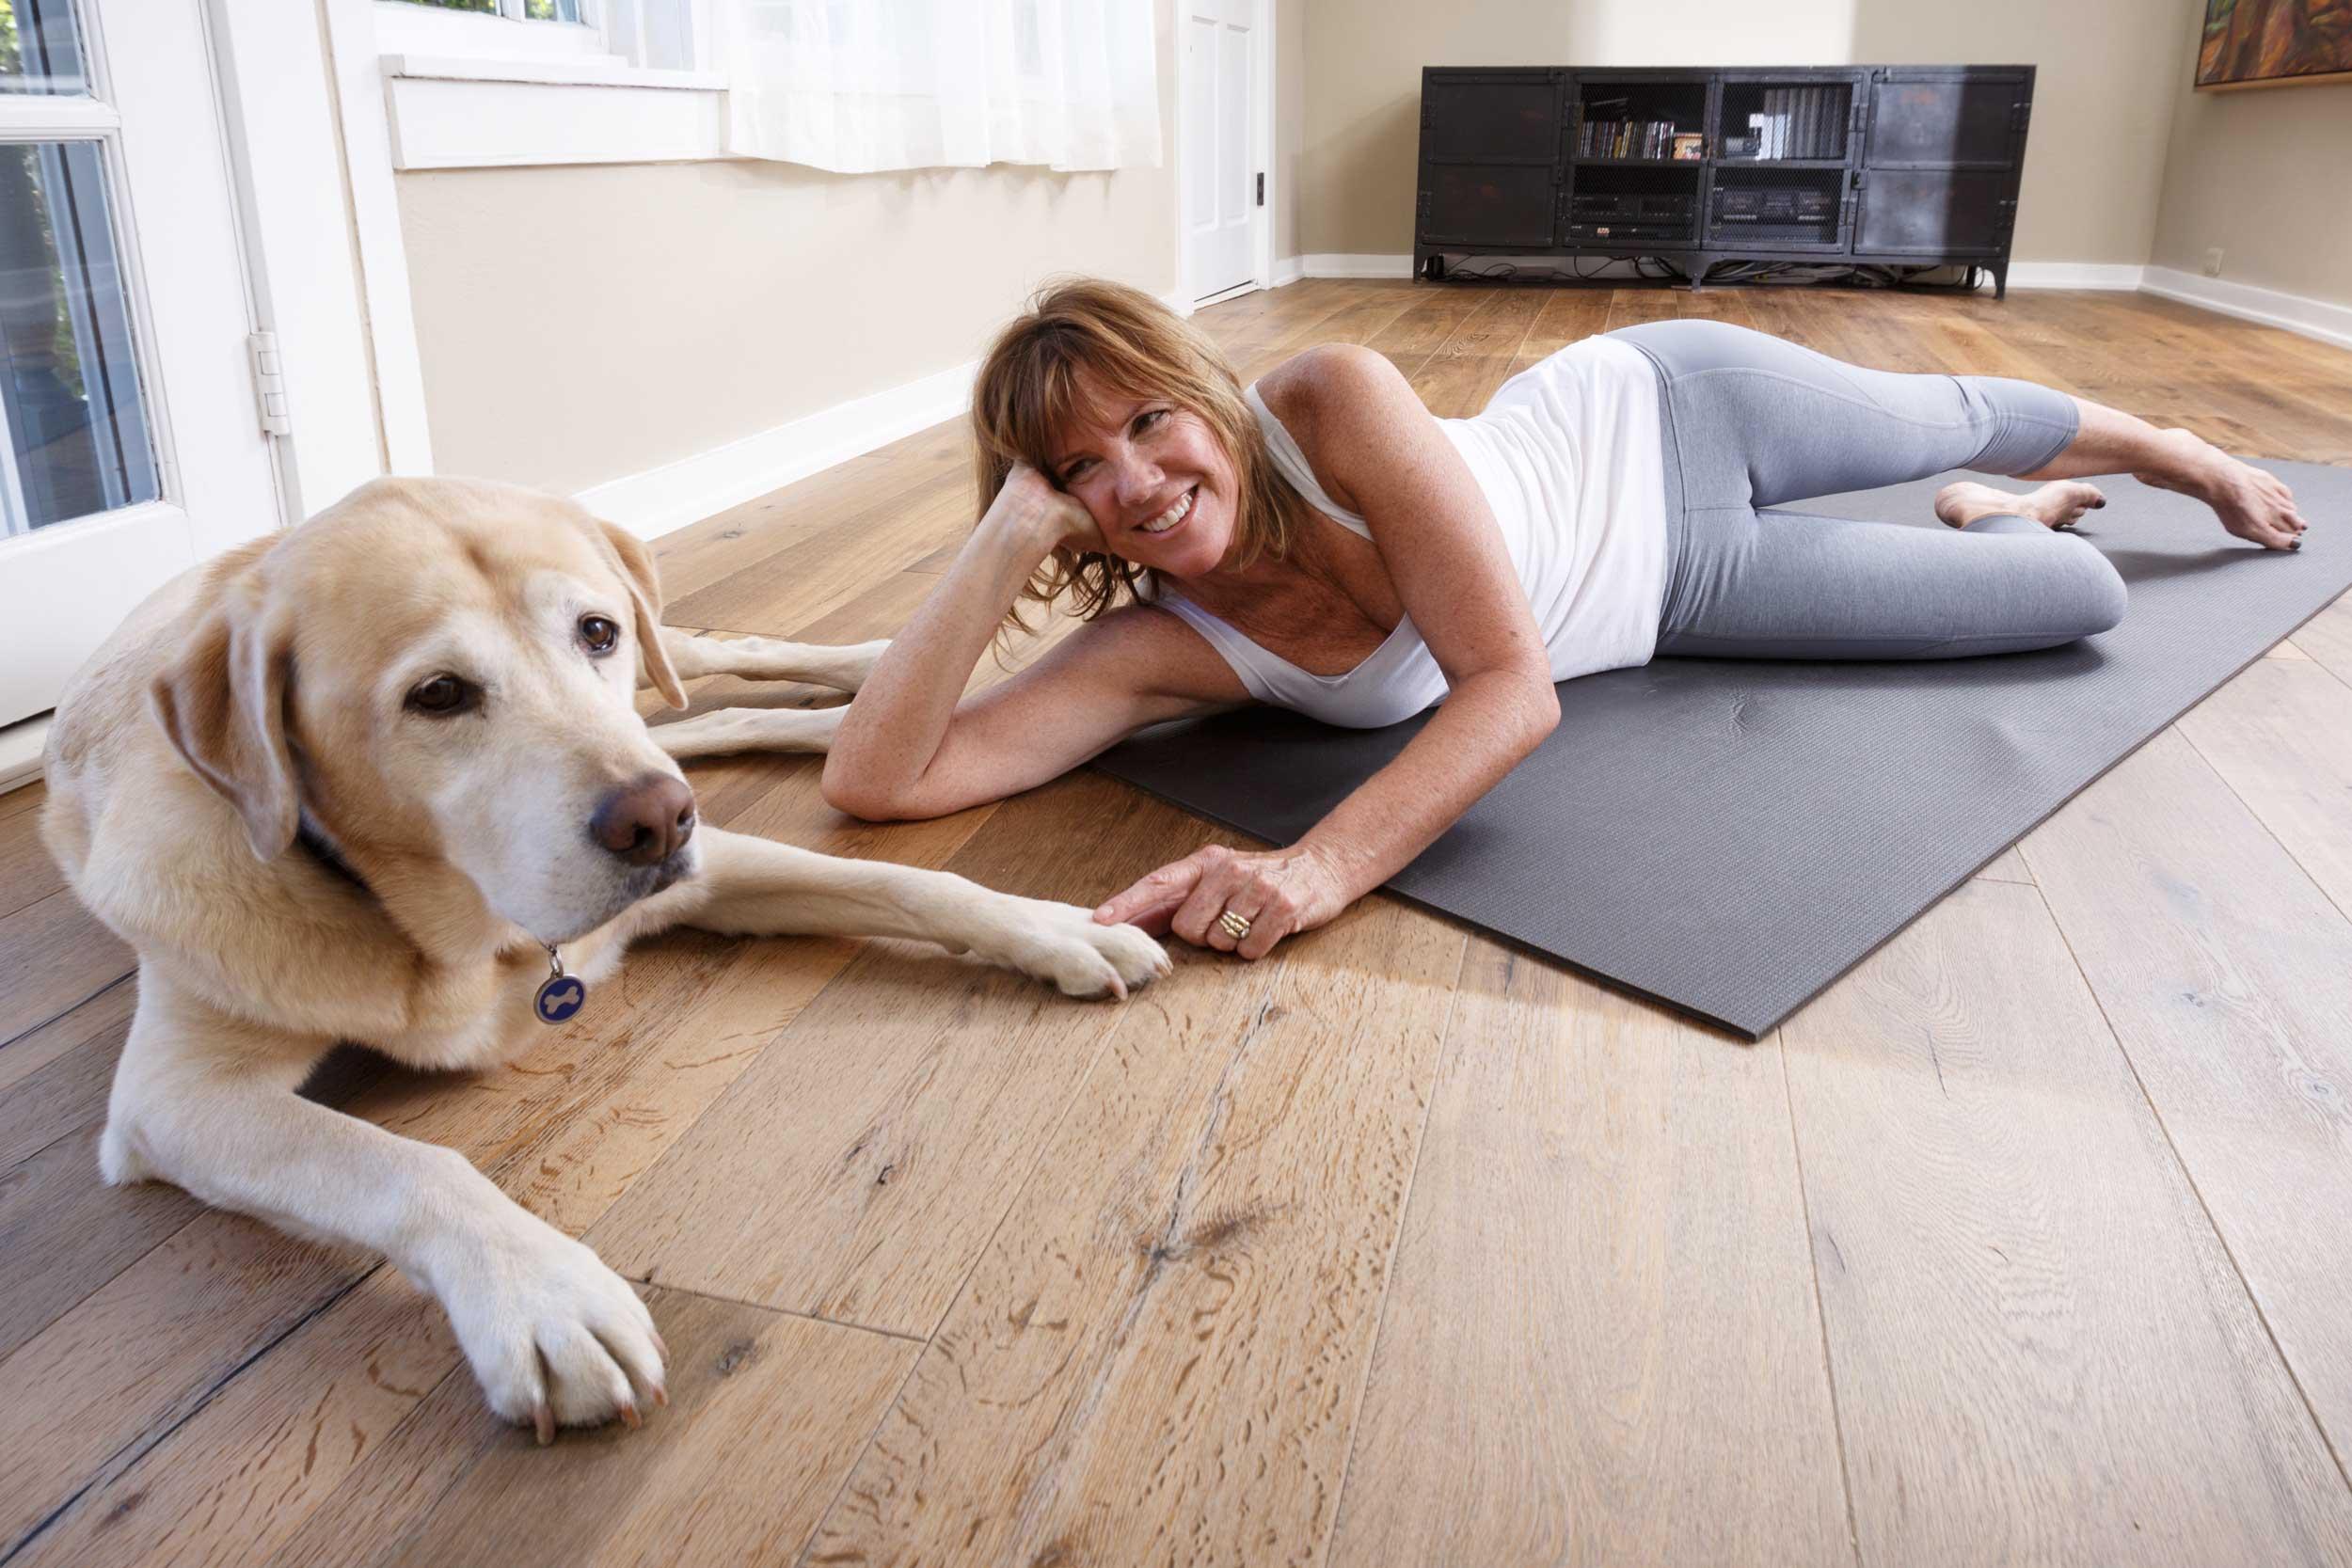 Pam Howard, Pilates instruct with dog Reggie.